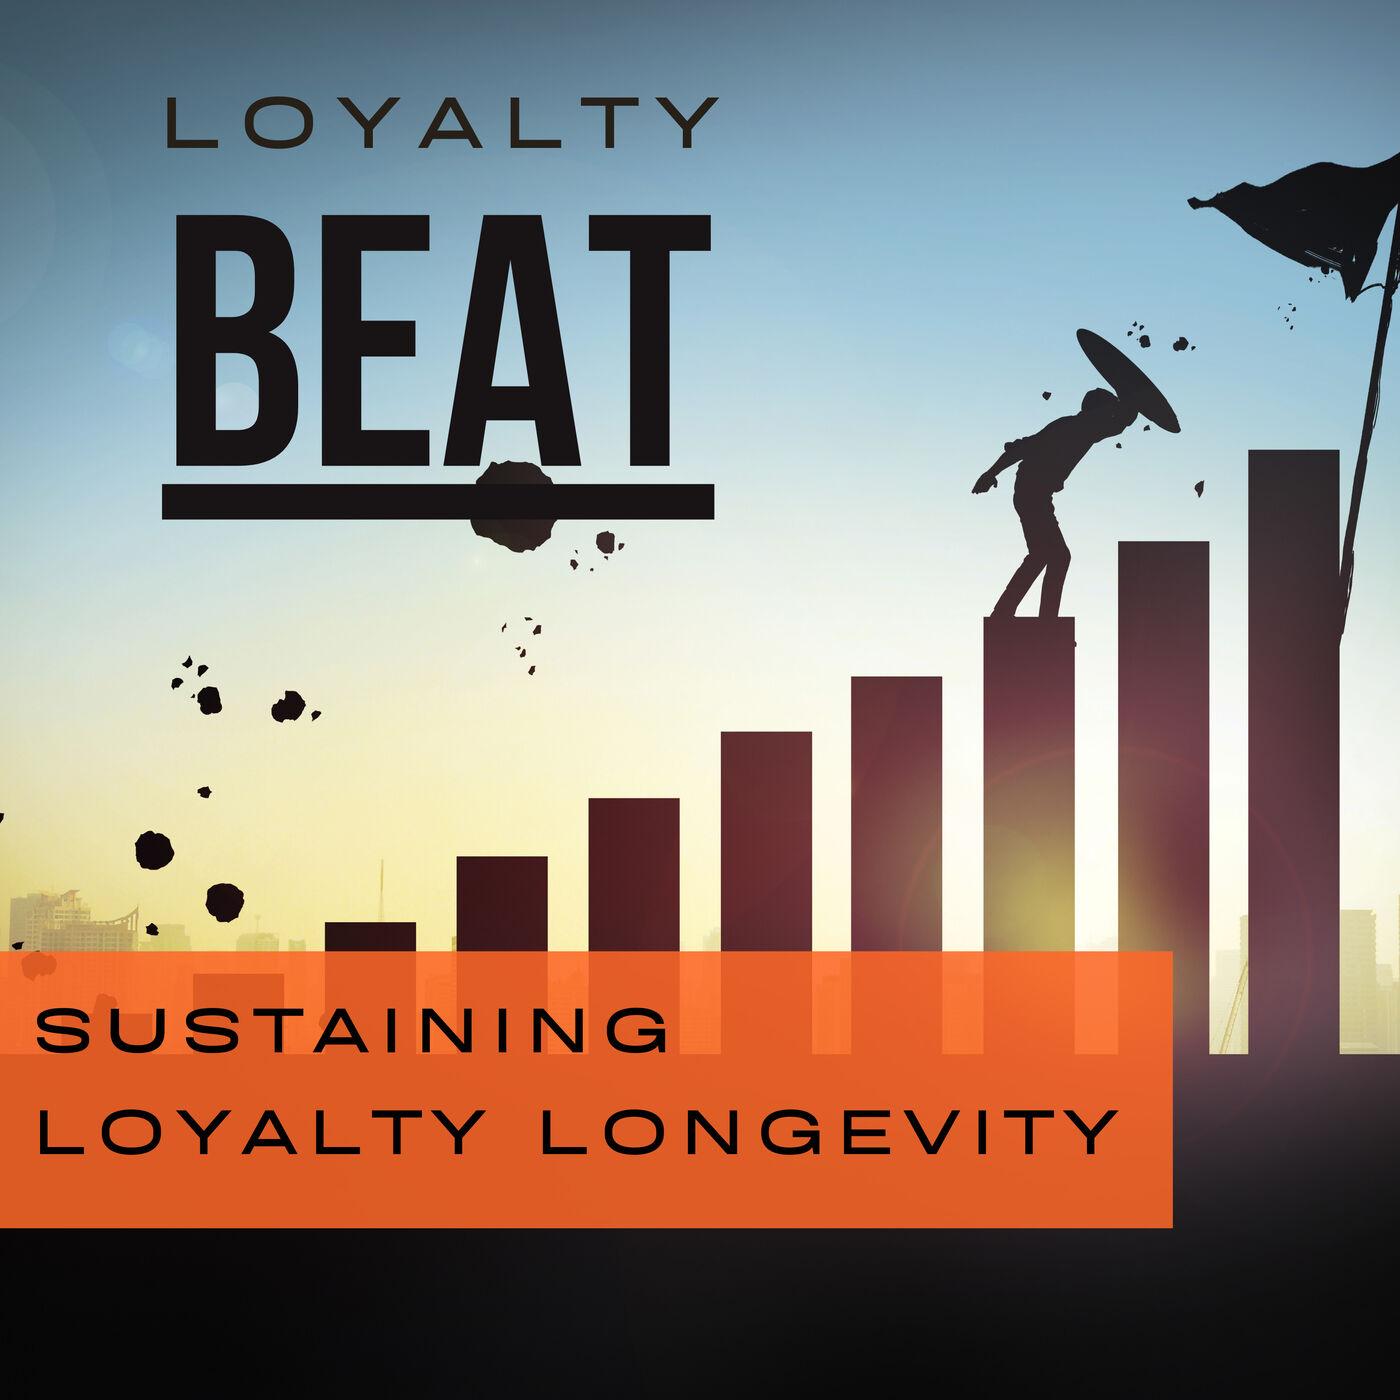 Episode 3: Sustaining Loyalty Longevity